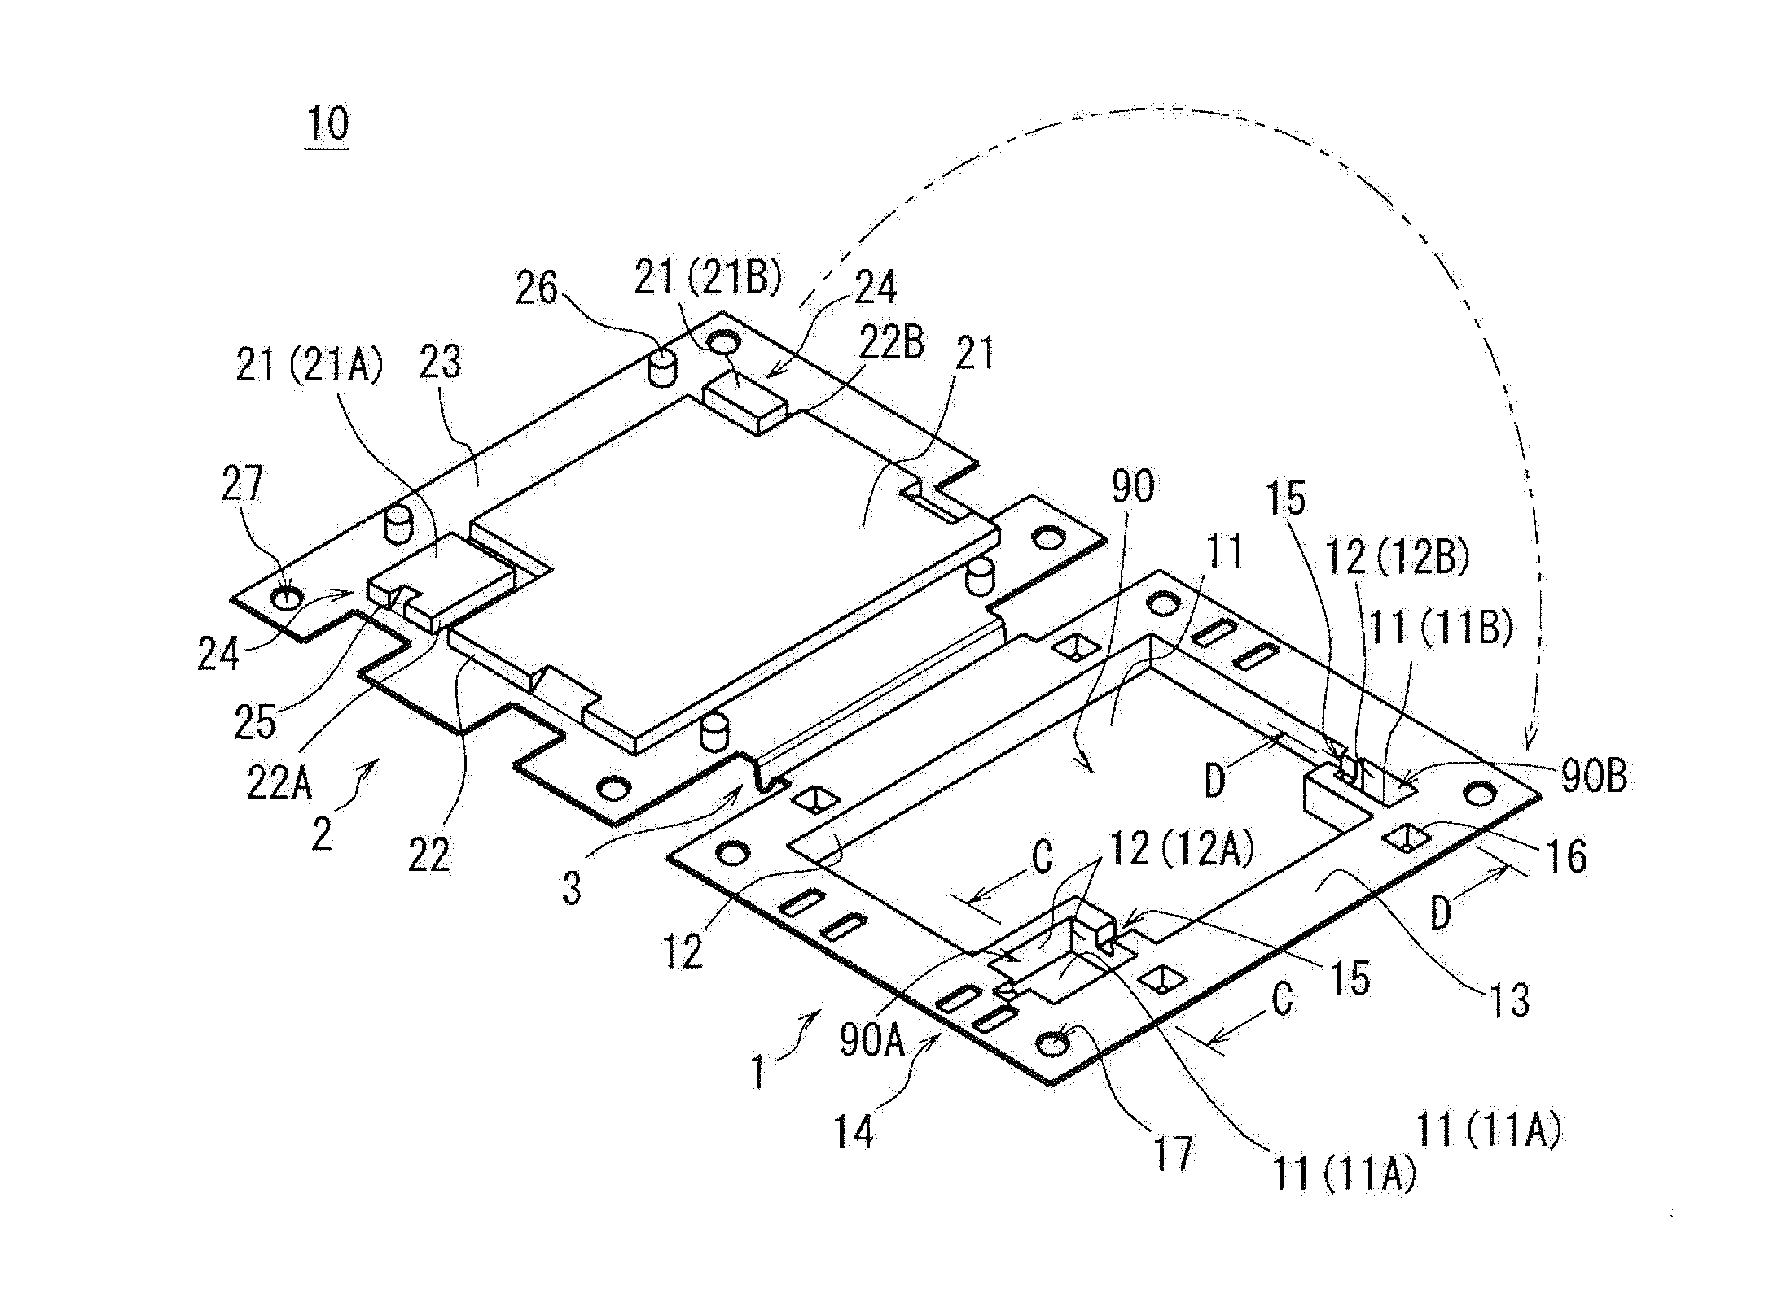 Fahrenheit Baseboard Heaters Wiring Diagram, Fahrenheit